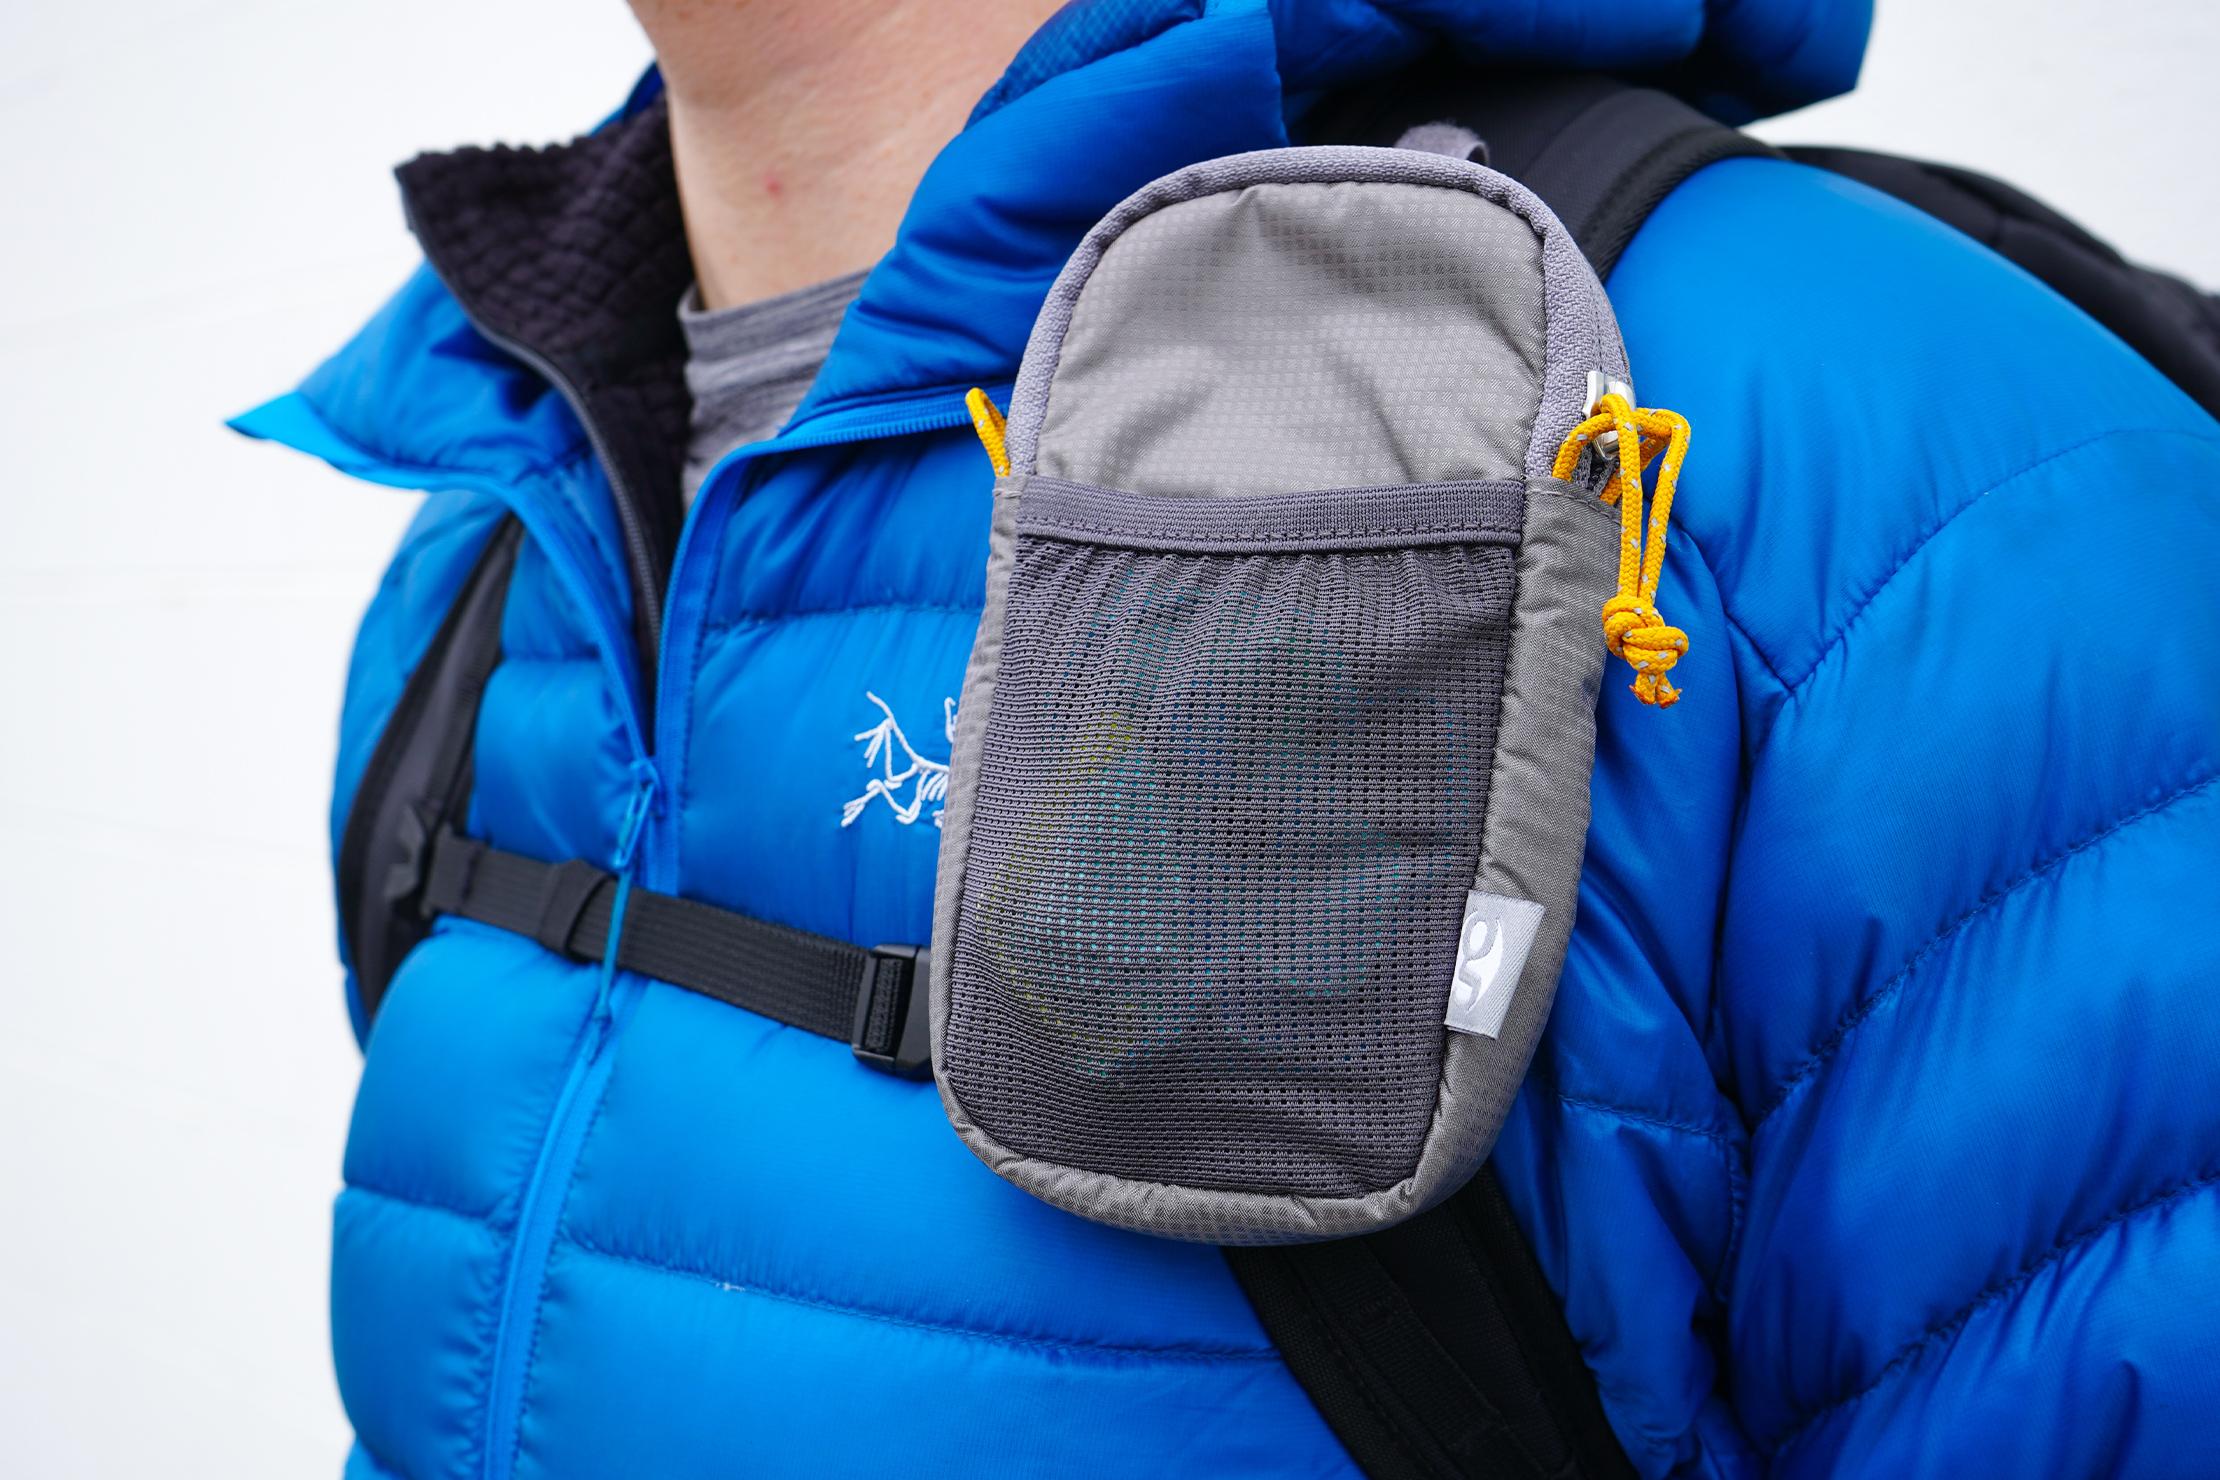 Gossamer Gear Shoulder Strap Pocket | Medium variant attached to a daypack